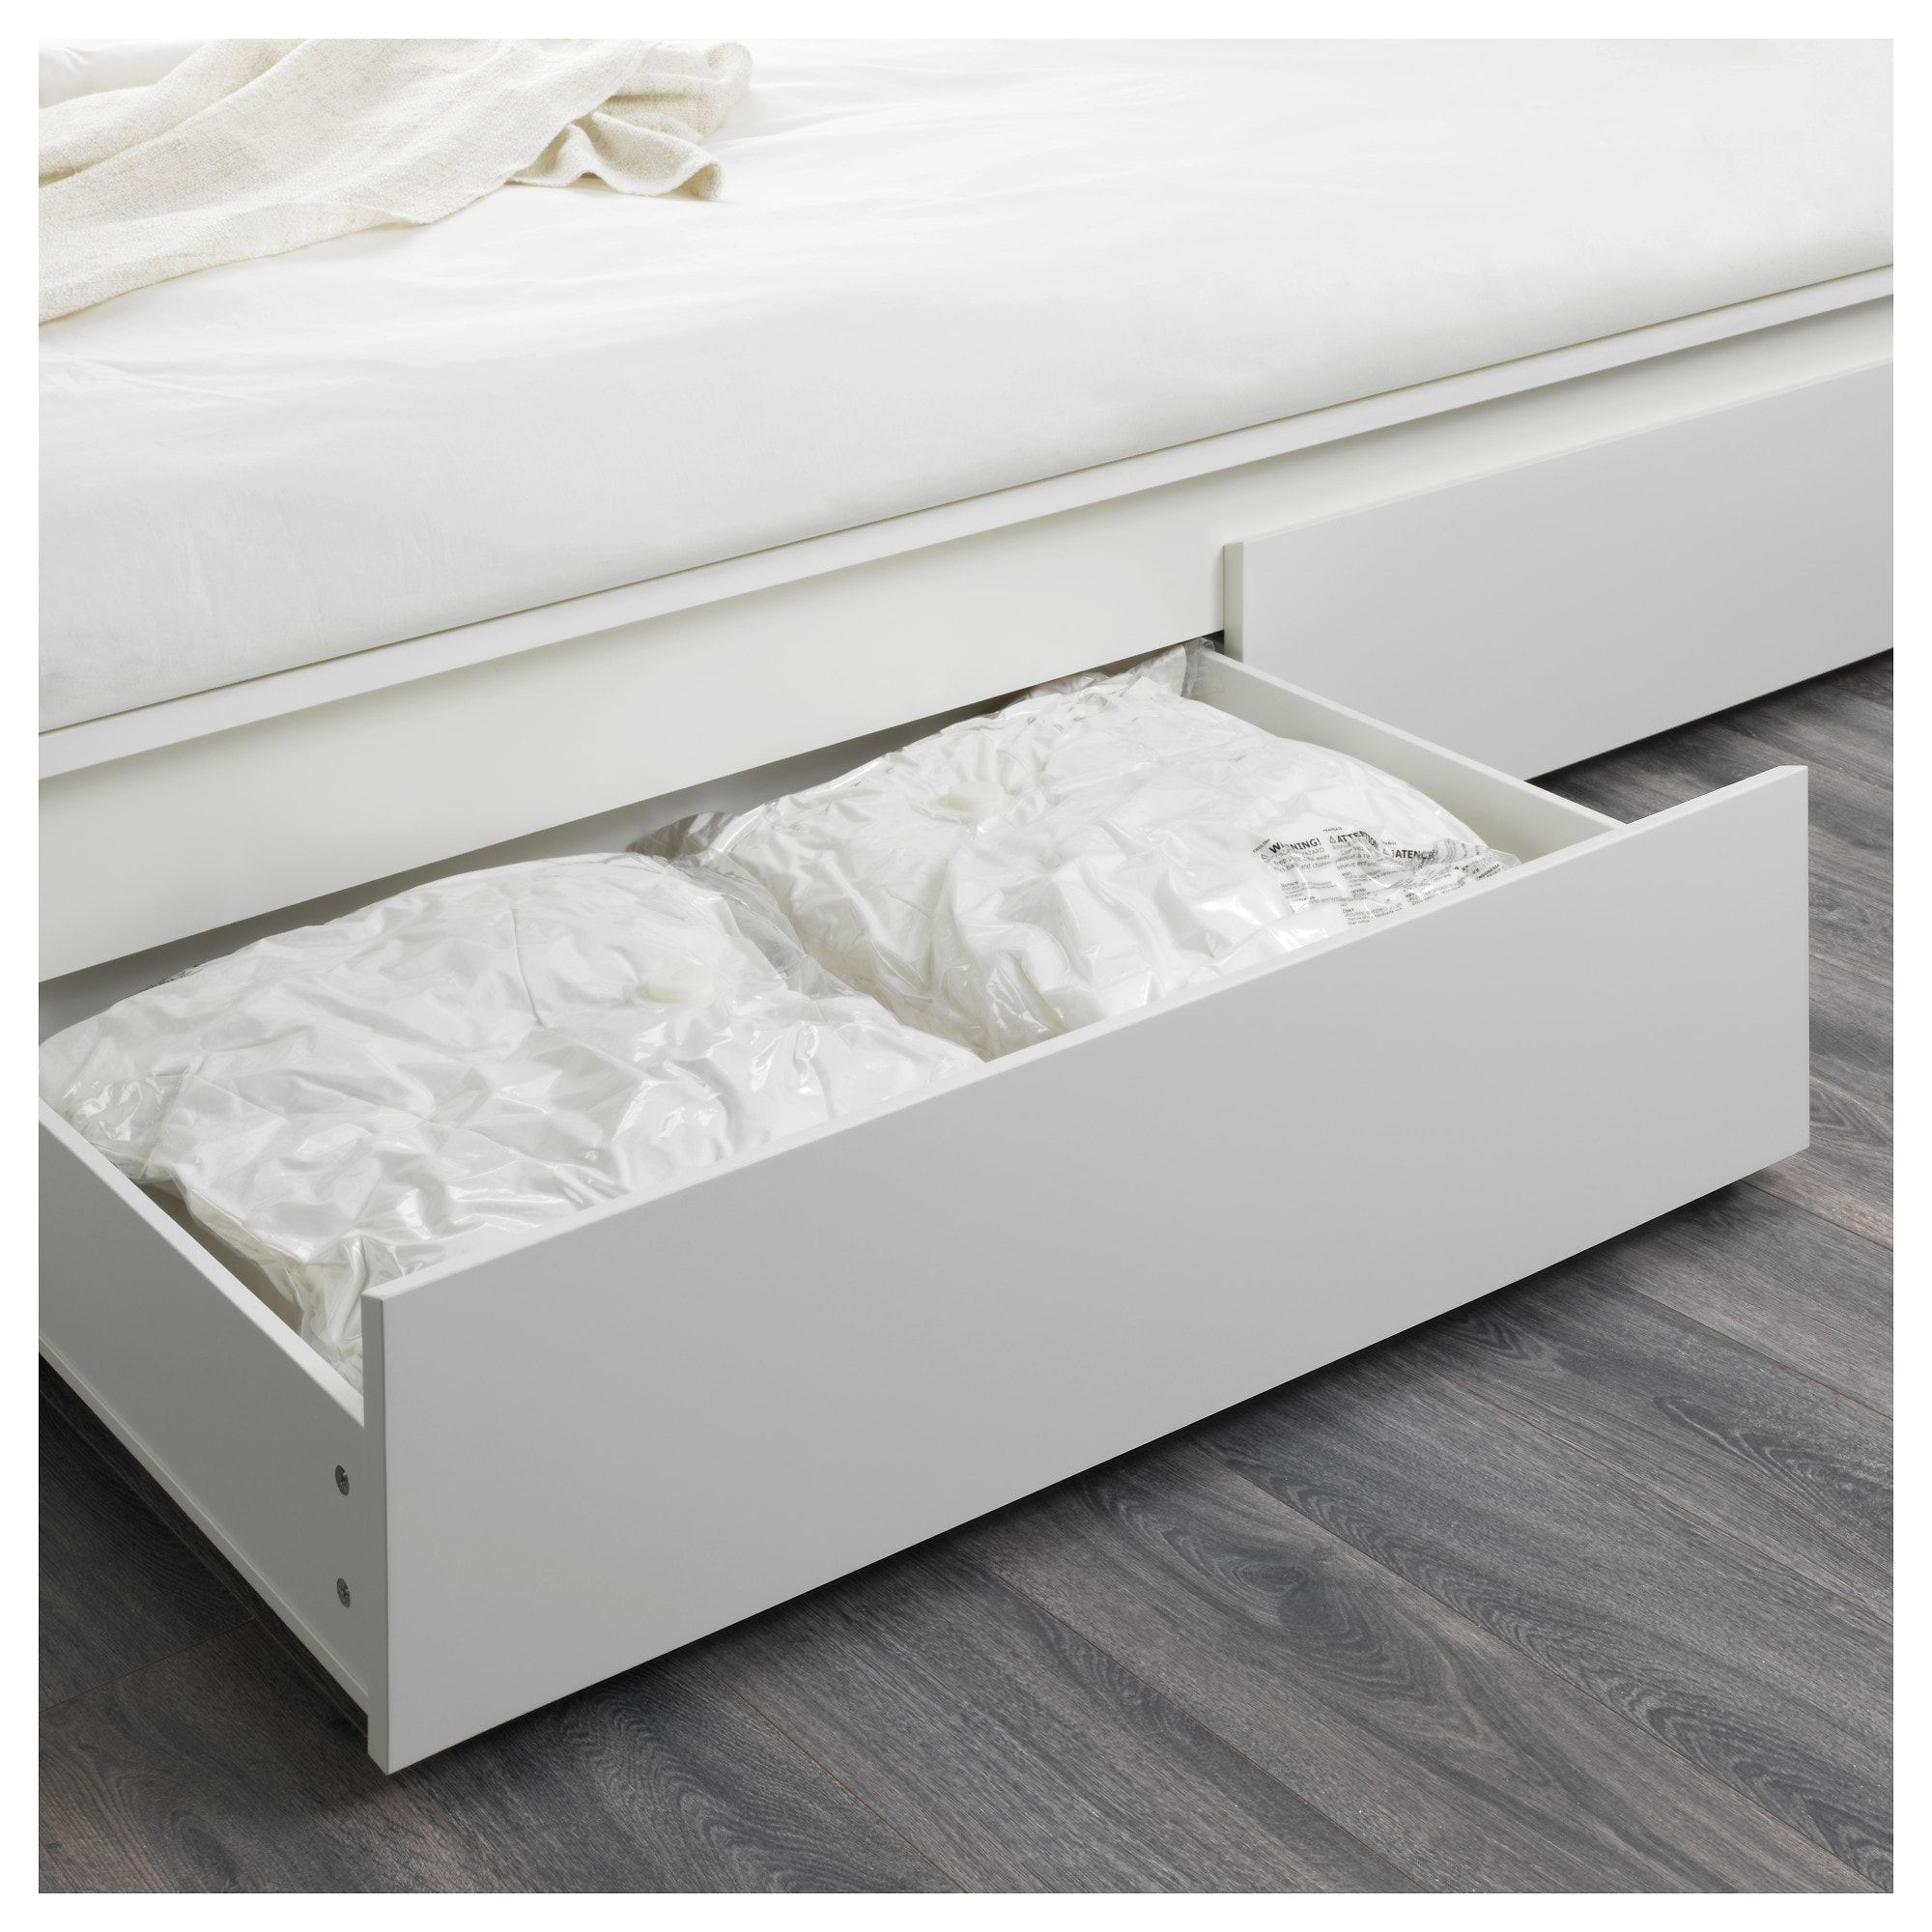 Hajdeby Vakuumbehalter Transparent Ikea Vakuum Und Verpackung